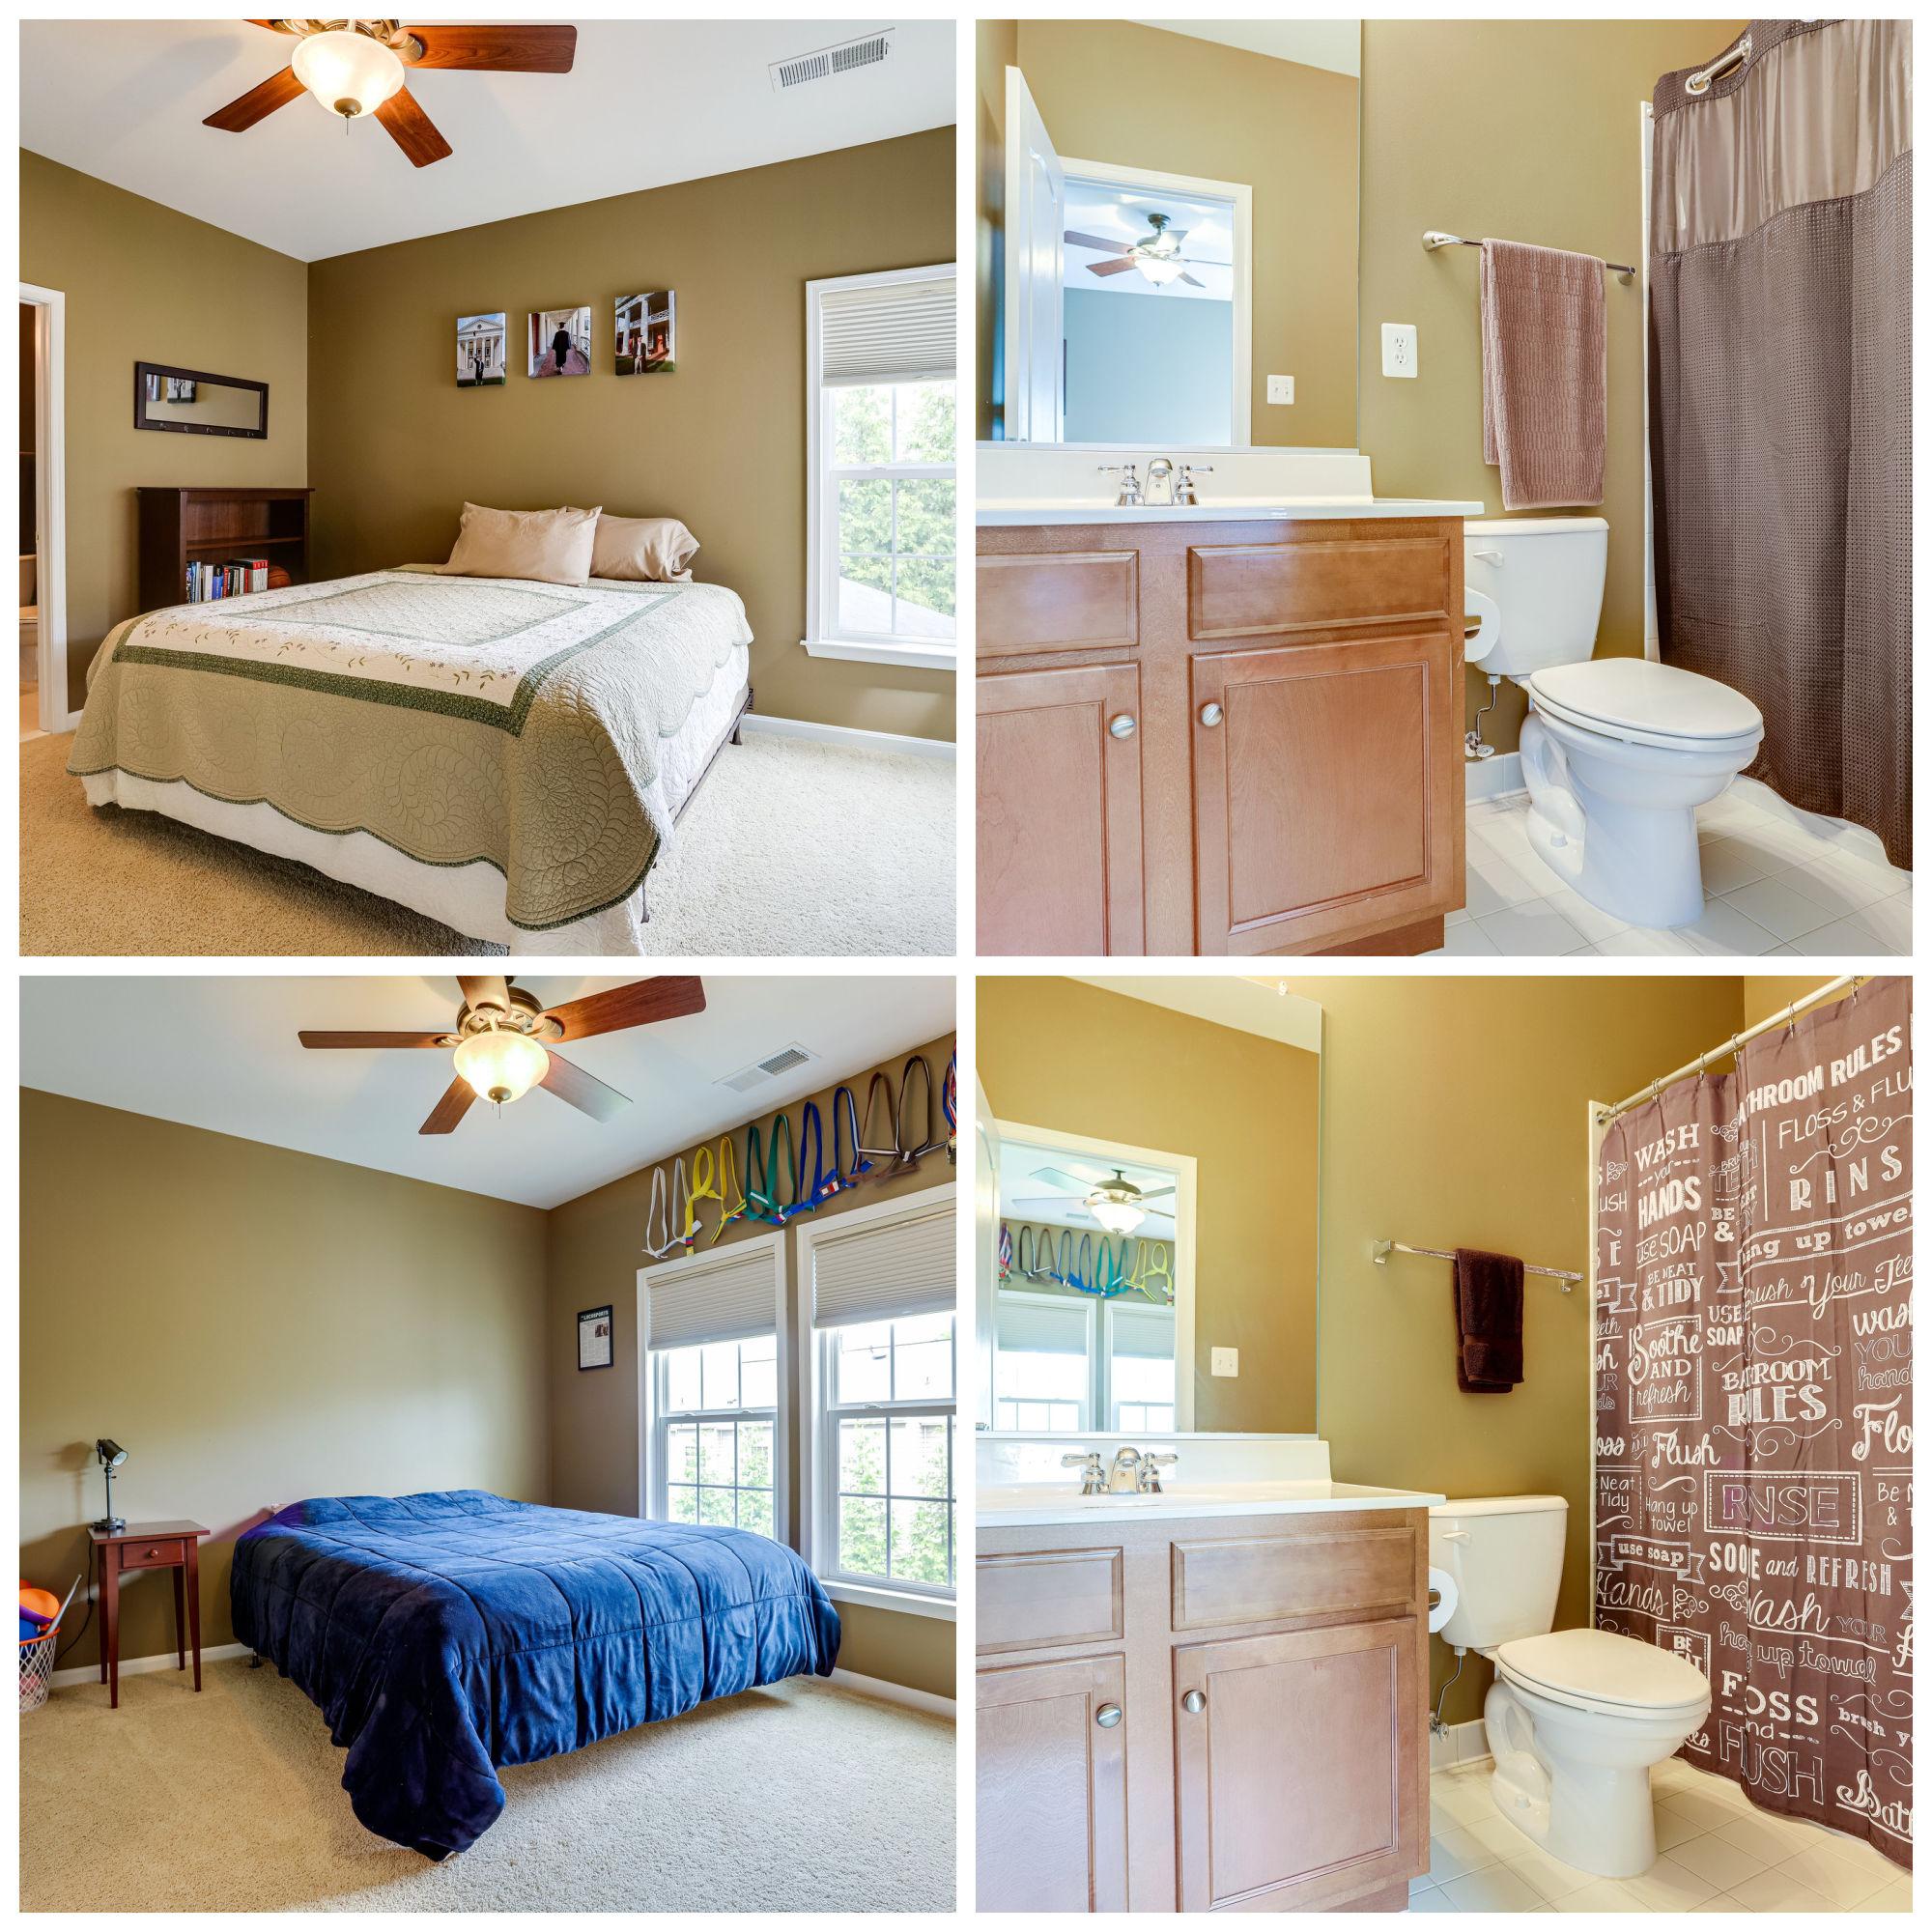 42974 Tealbriar Pl, Broadlands- Additional Ensuite Bedrooms and Bathrooms